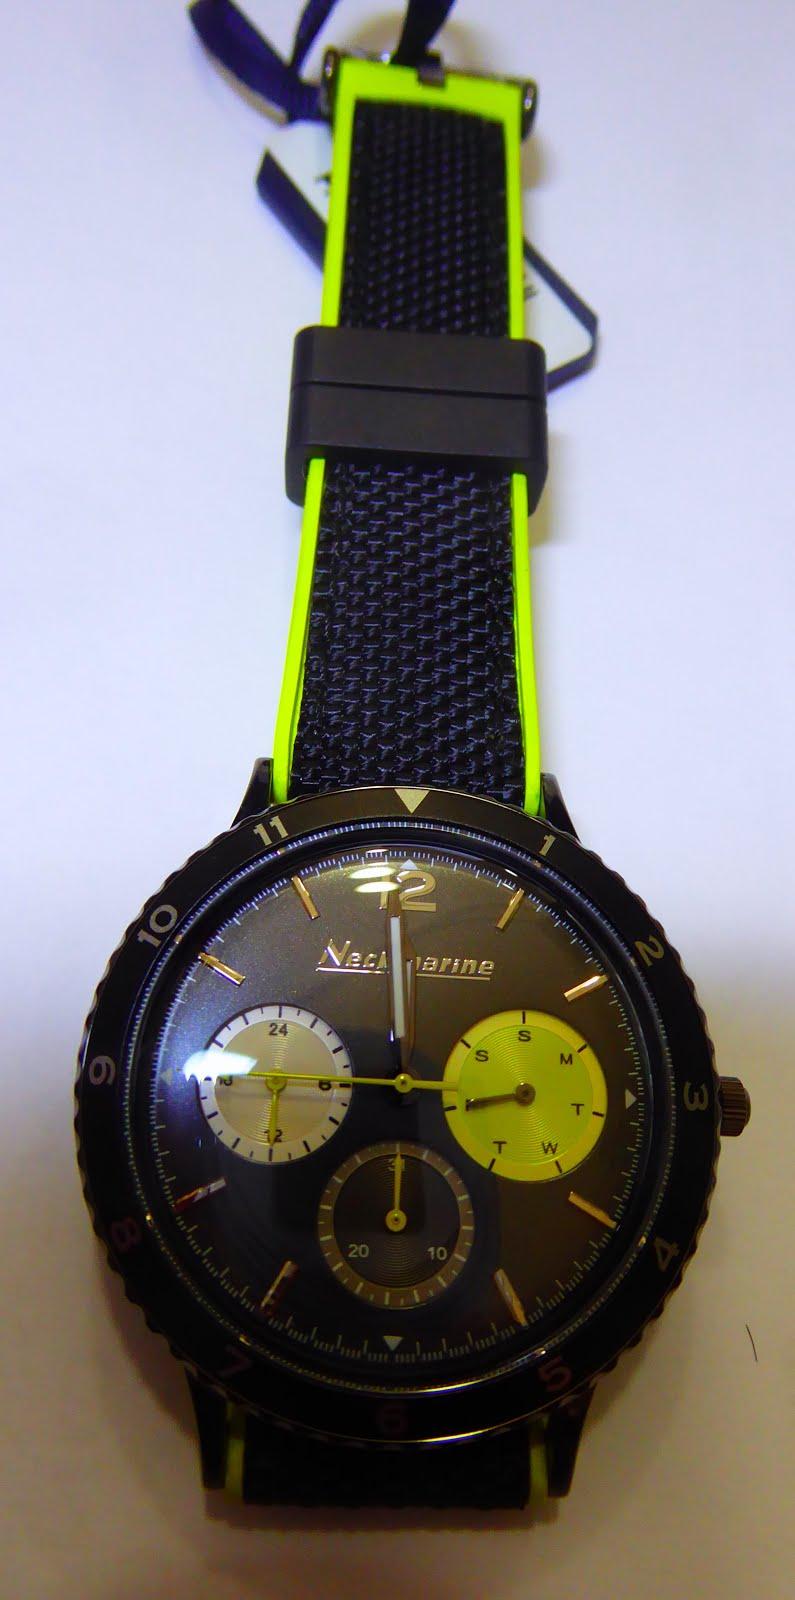 Nuevo reloj  Neckmarine, reloj acuático, con diseño elegante